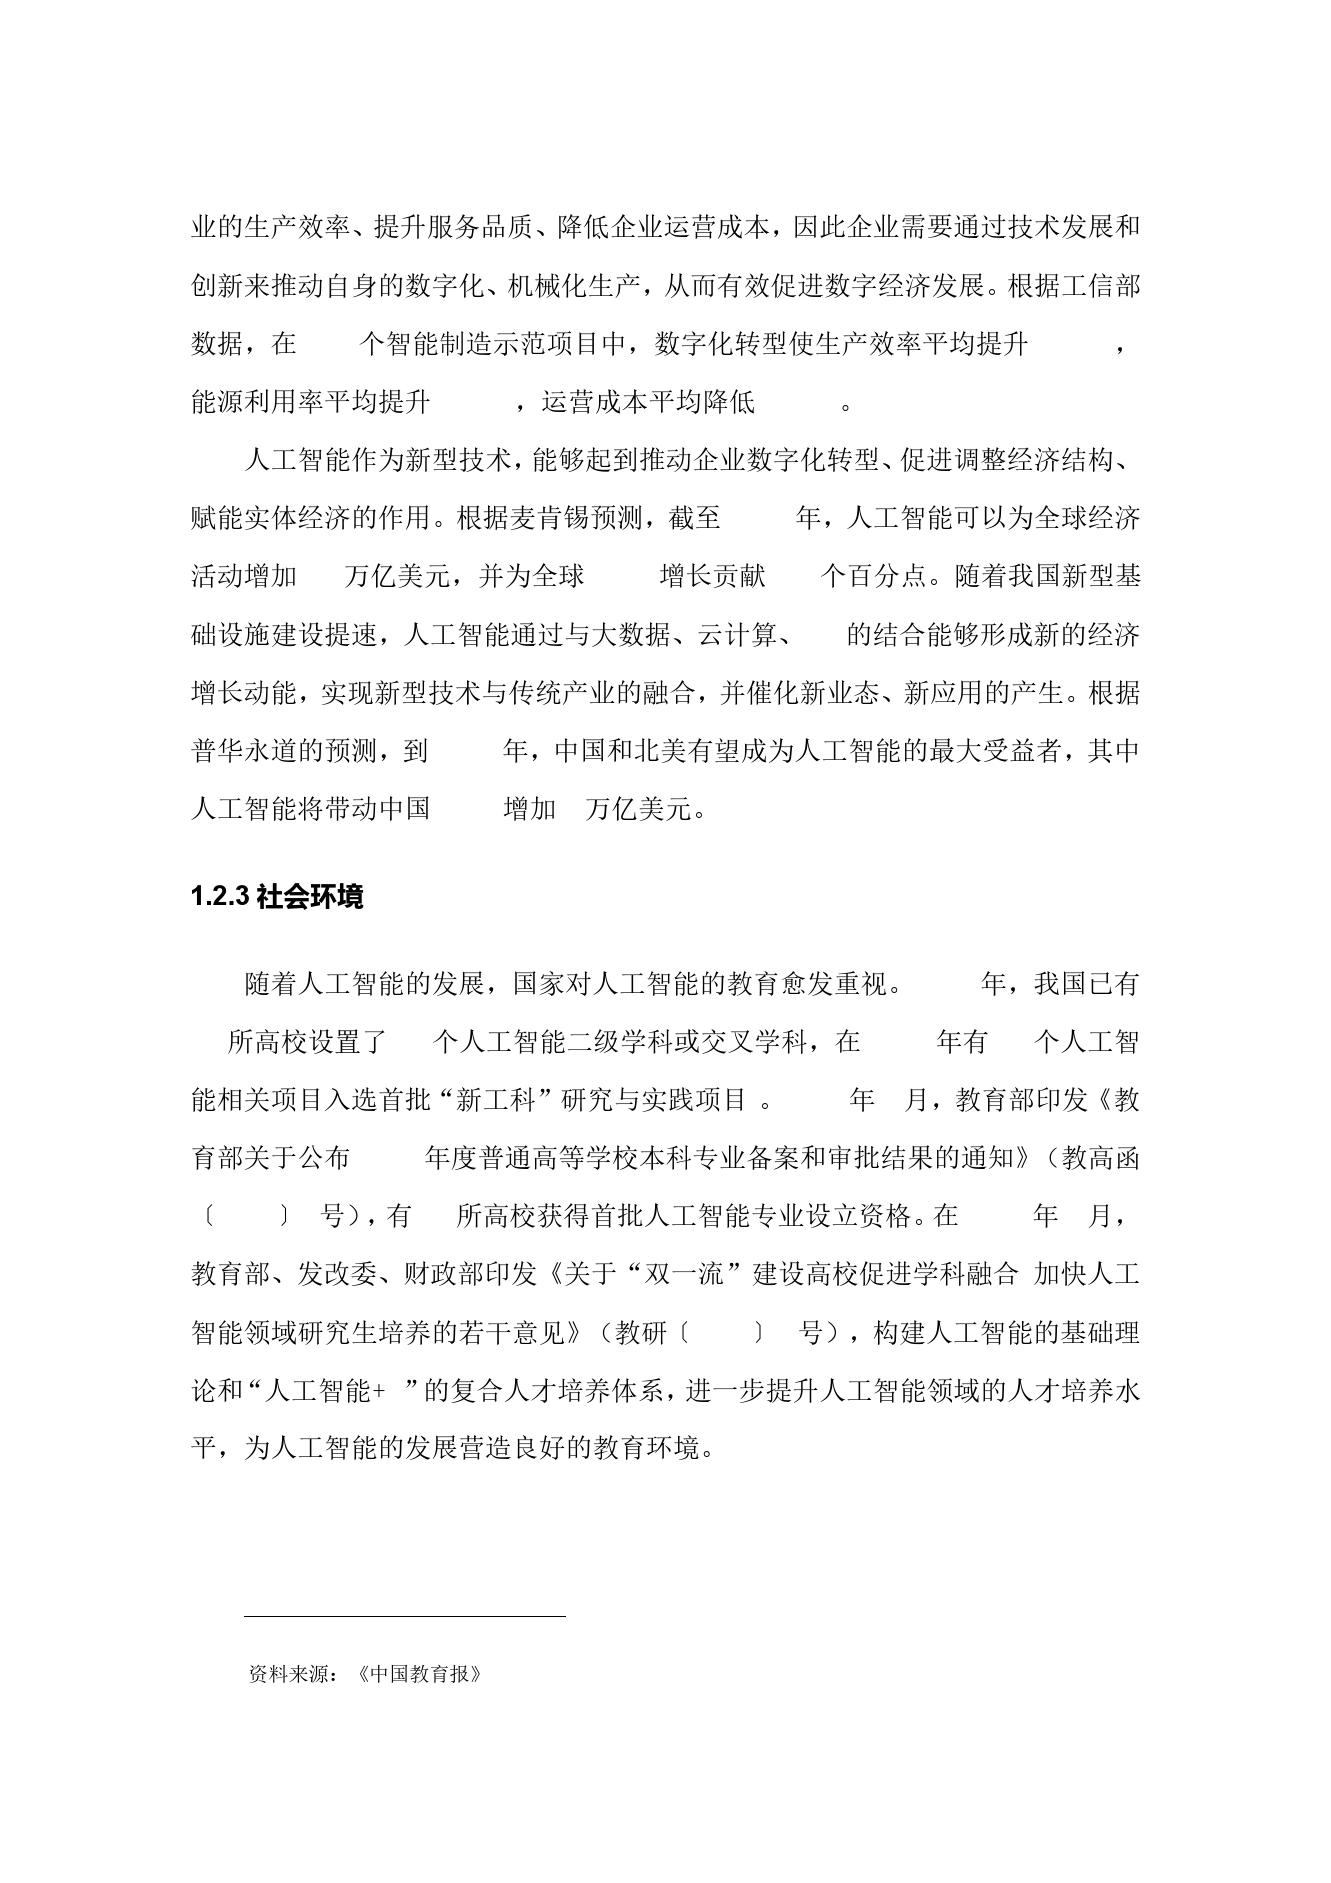 36氪研究院:2020年中国城市人工智能发展指数报告(可下载报告)插图(15)